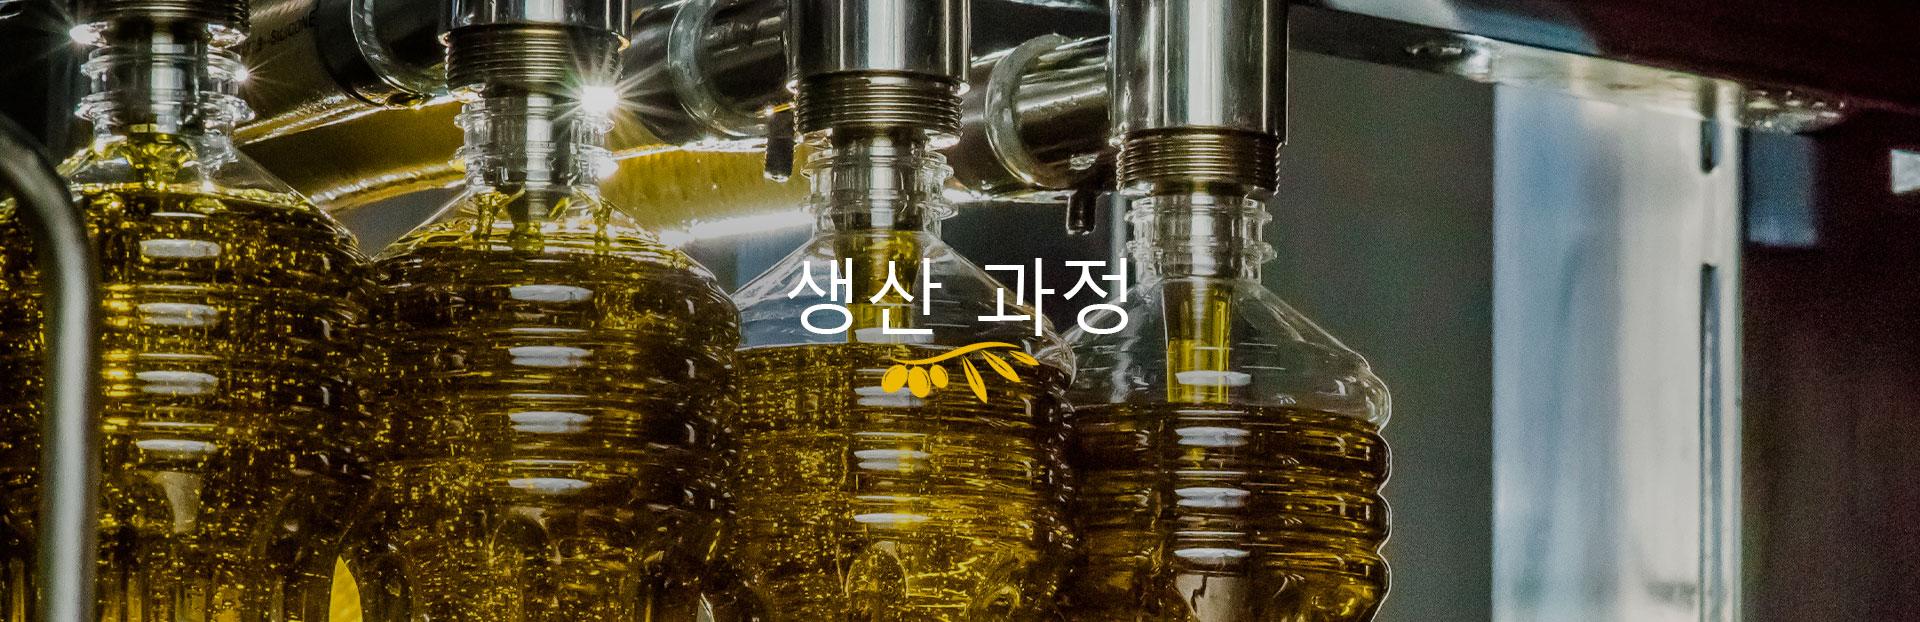 AceitesUnicos_slider_elaboracion_koreano